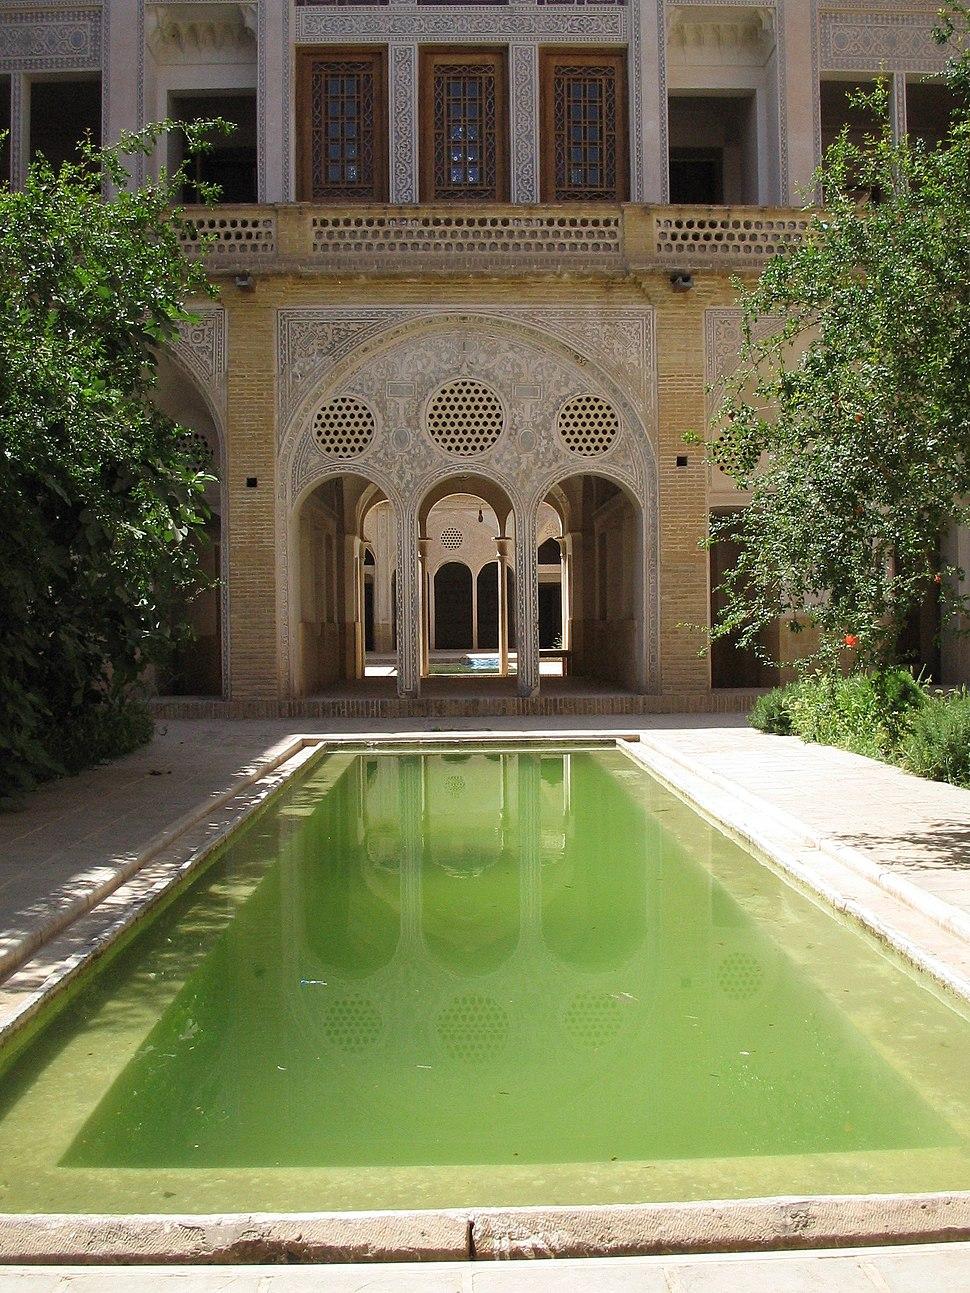 Khaneh-abbasi bassin kashan